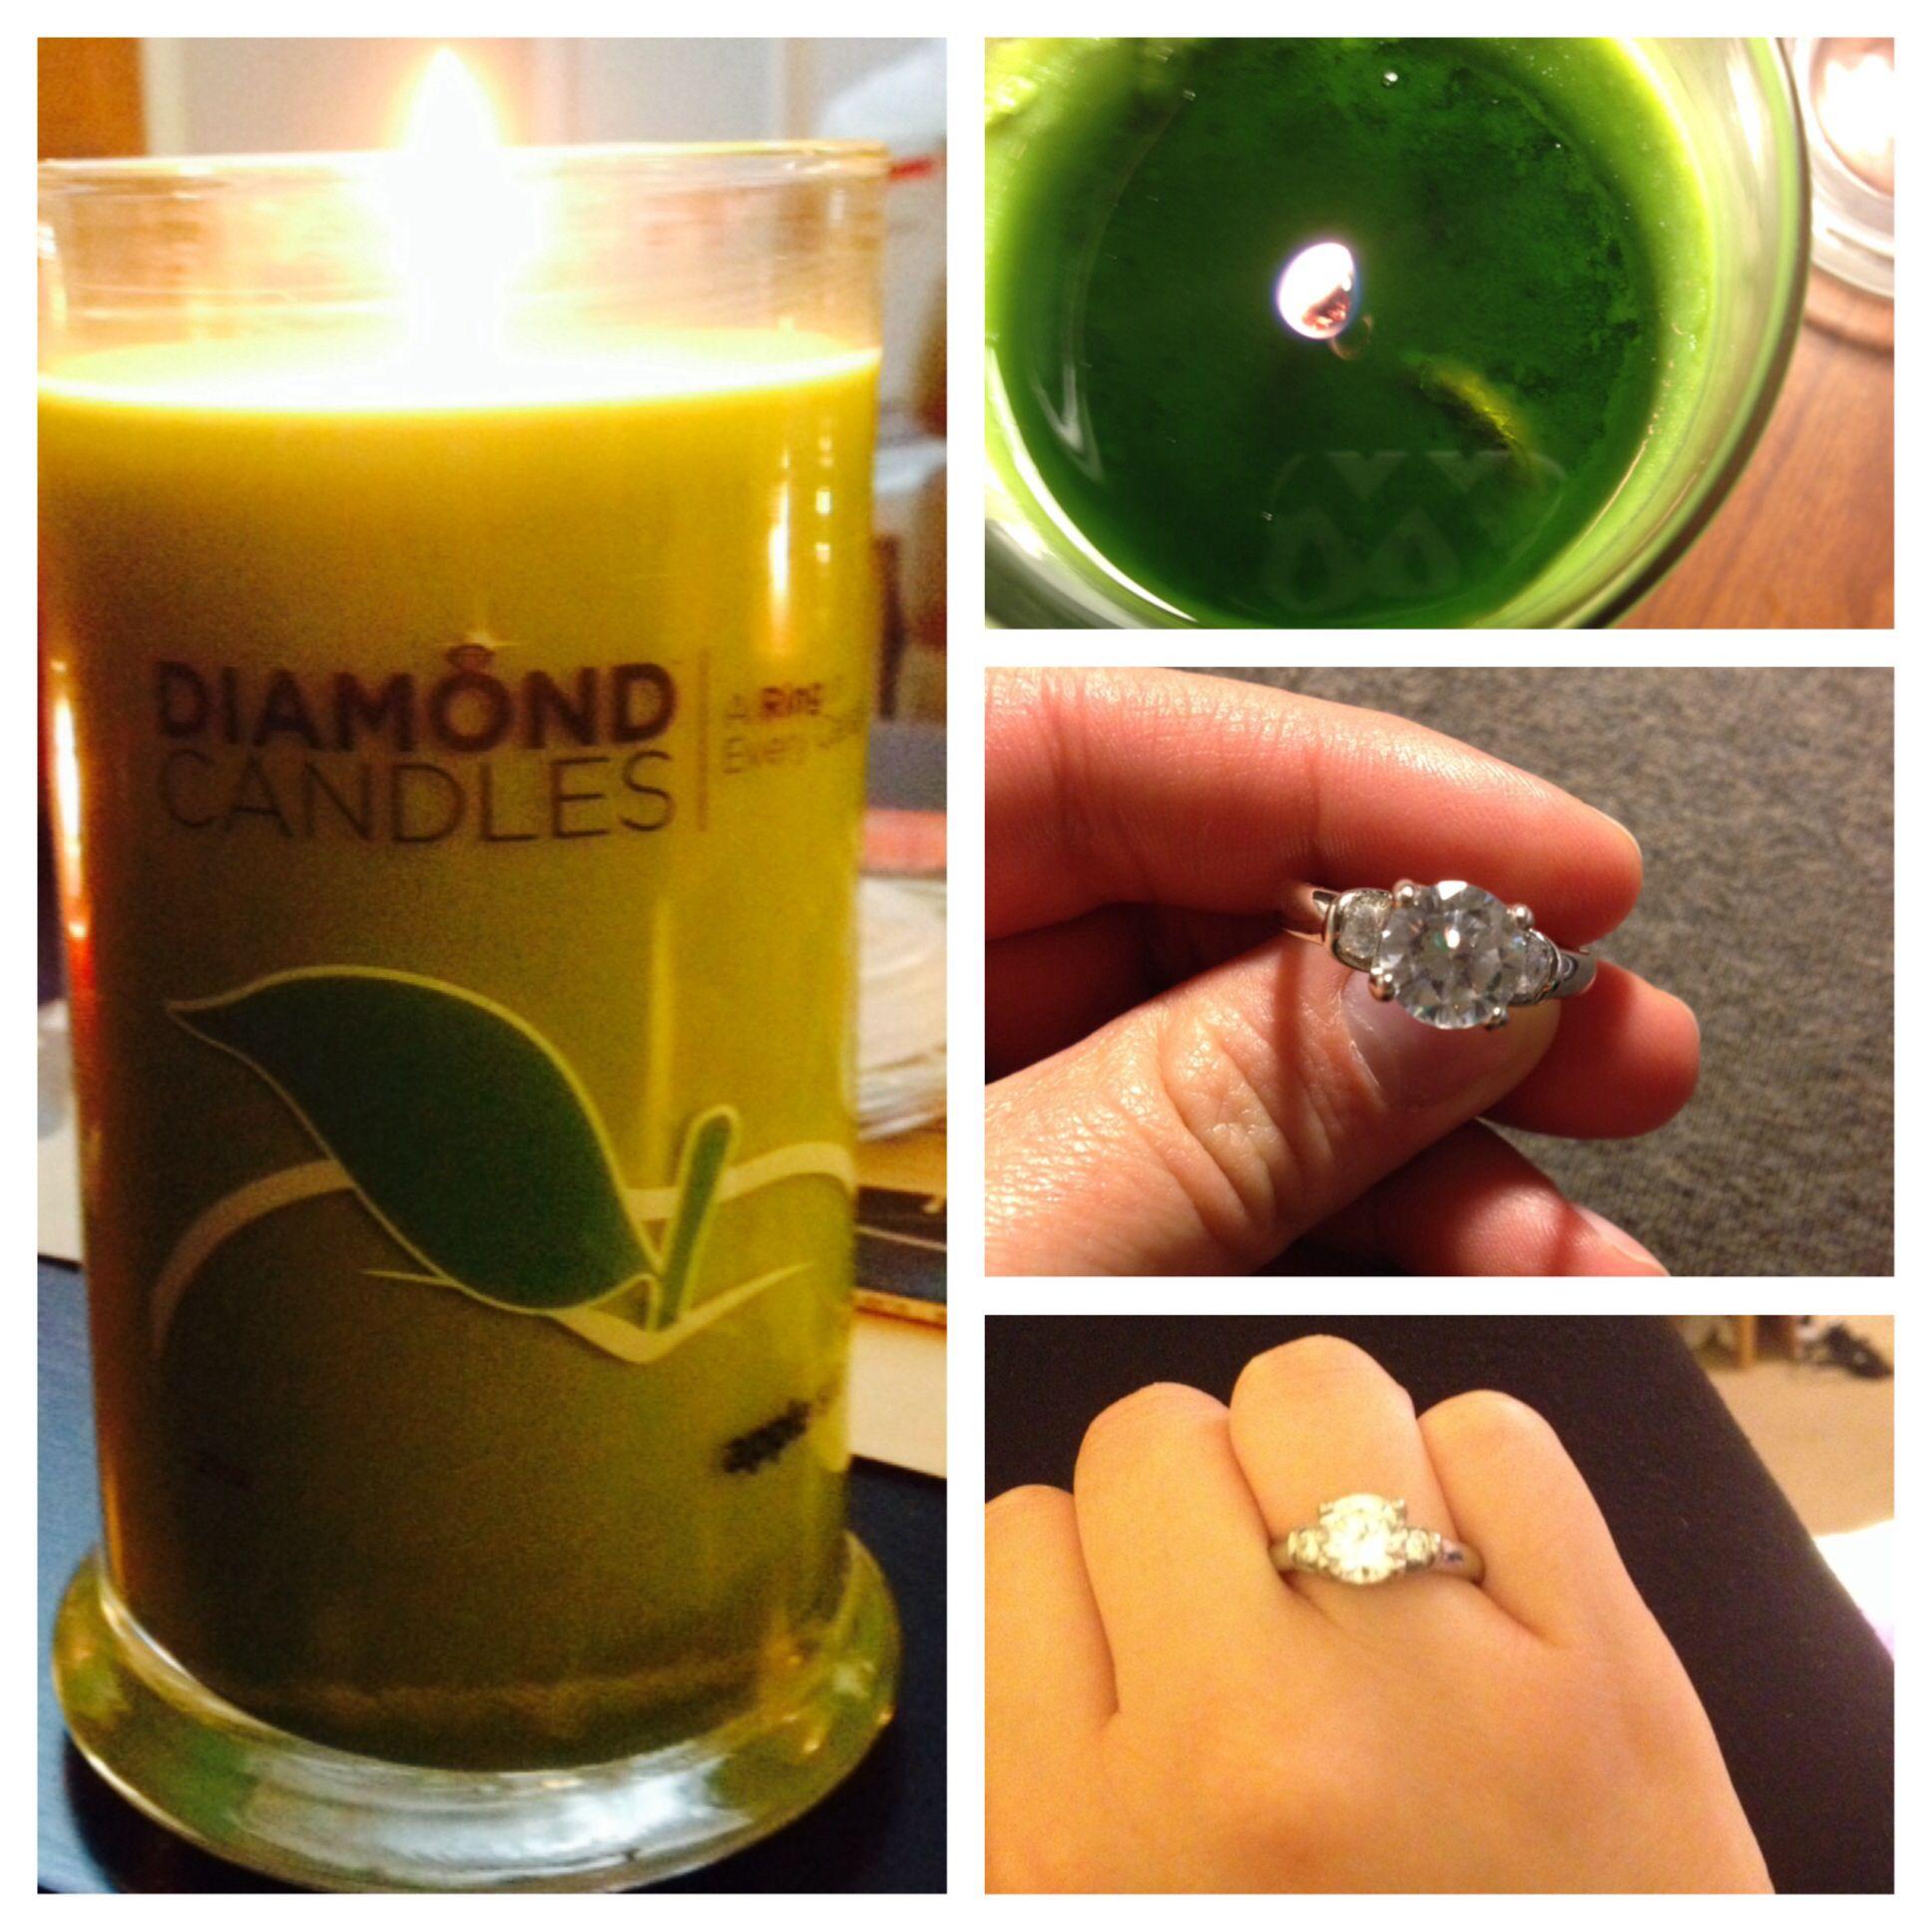 Diamondcandles com reveal